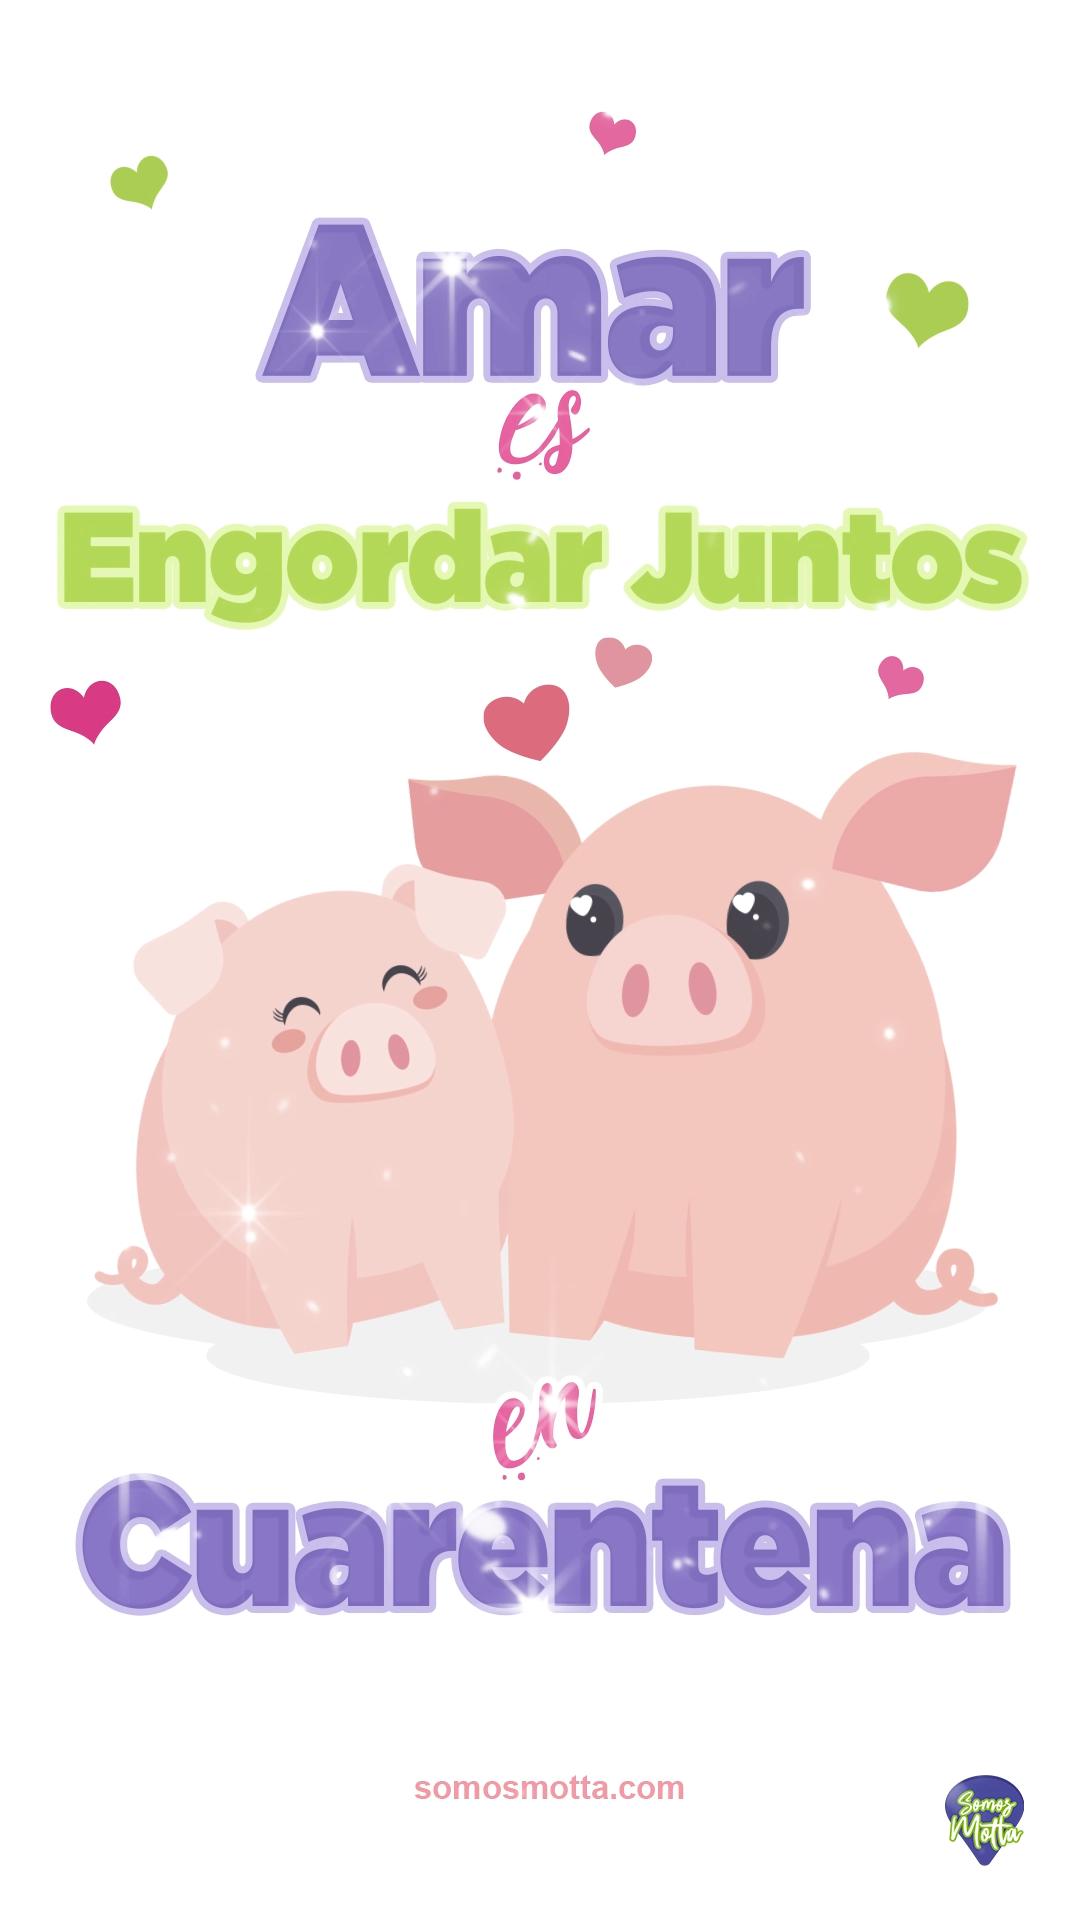 Fondos de Pantalla Animados Amor en Cuarentena Gratis